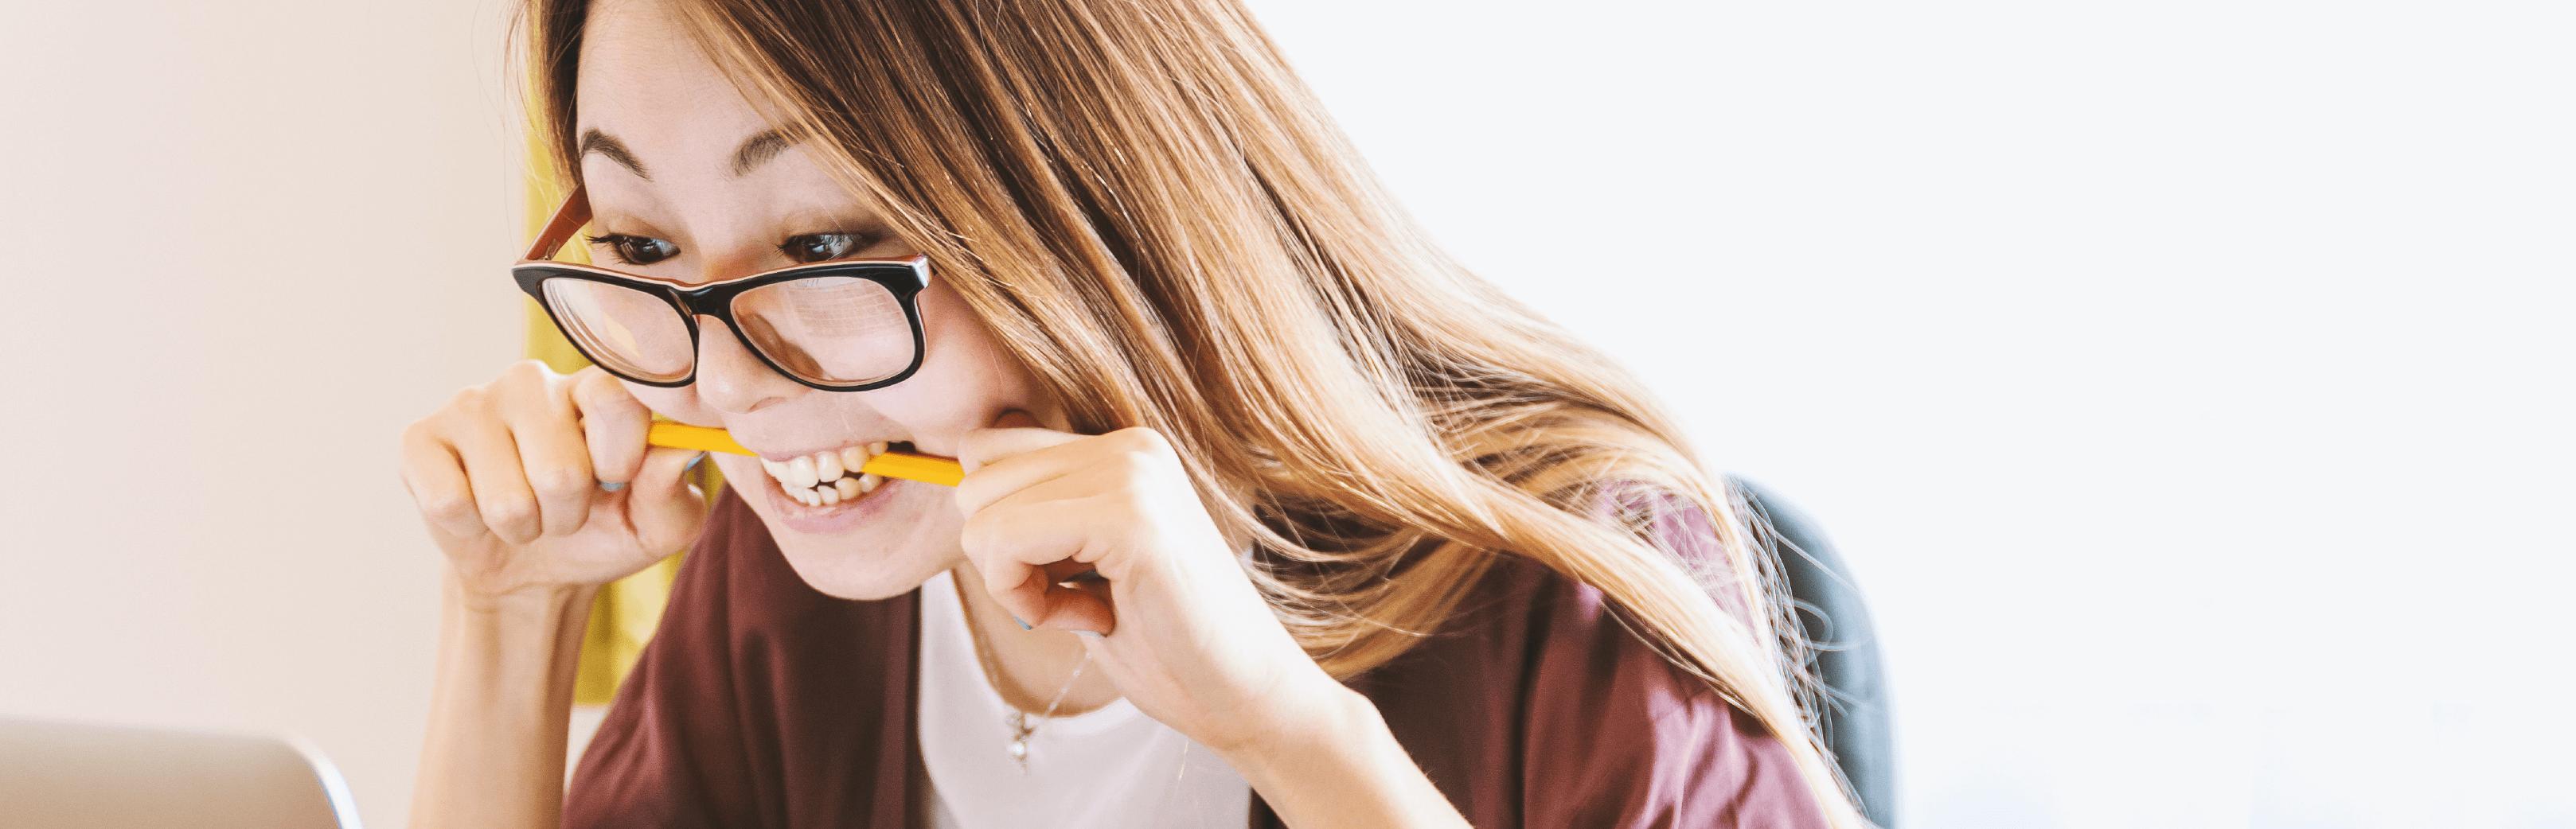 Saiba quais são os 5 principais problemas no atendimento ao cliente